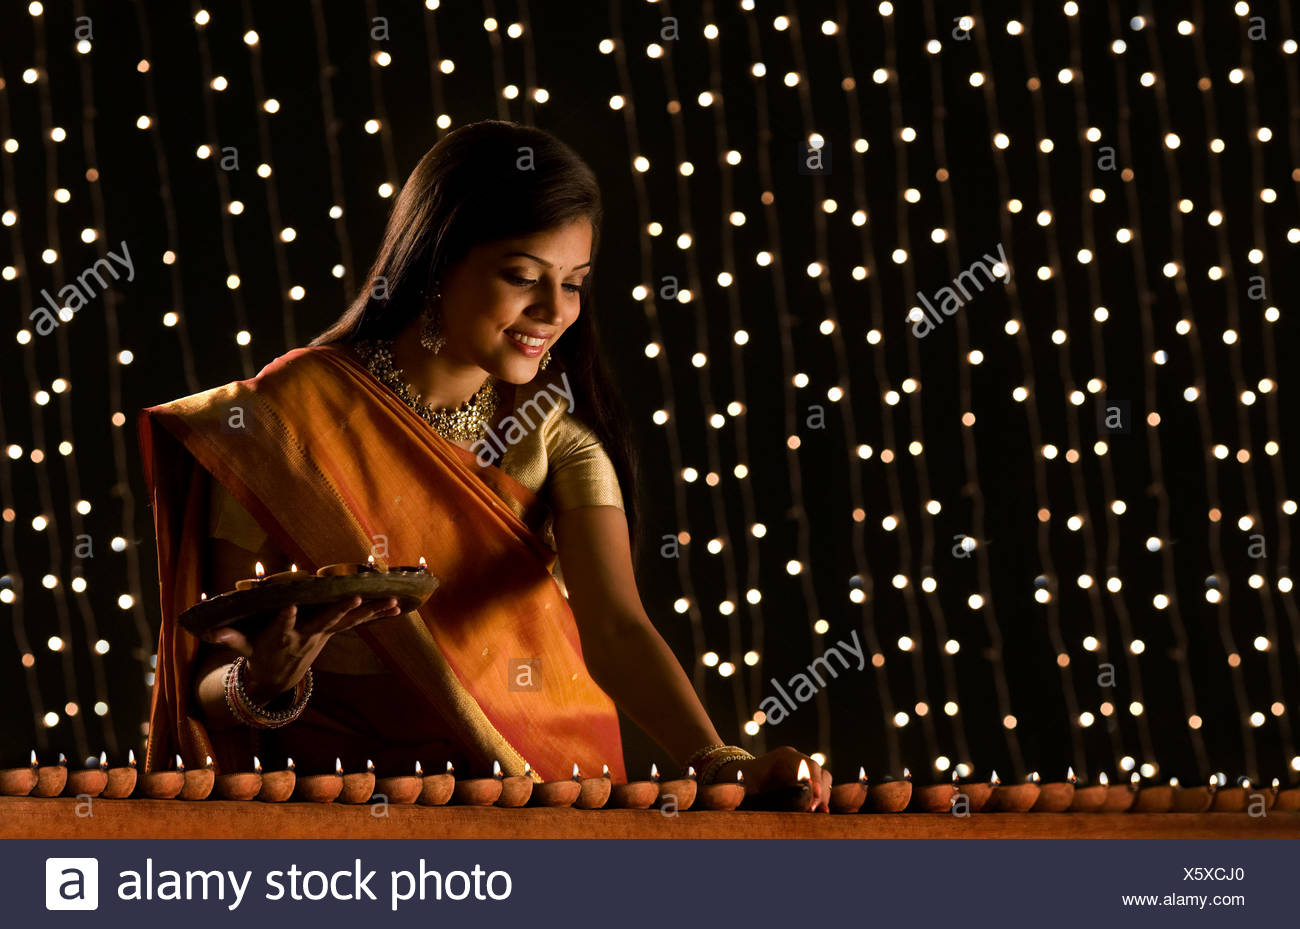 Woman arranging diyas Stock Photo